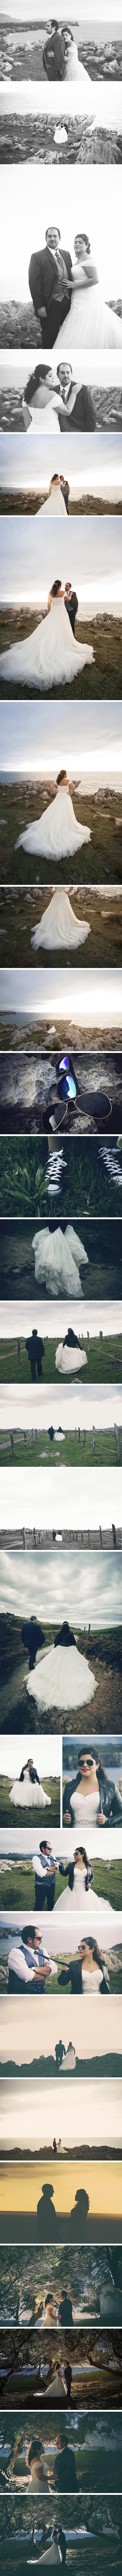 Postboda Ivan y Eva